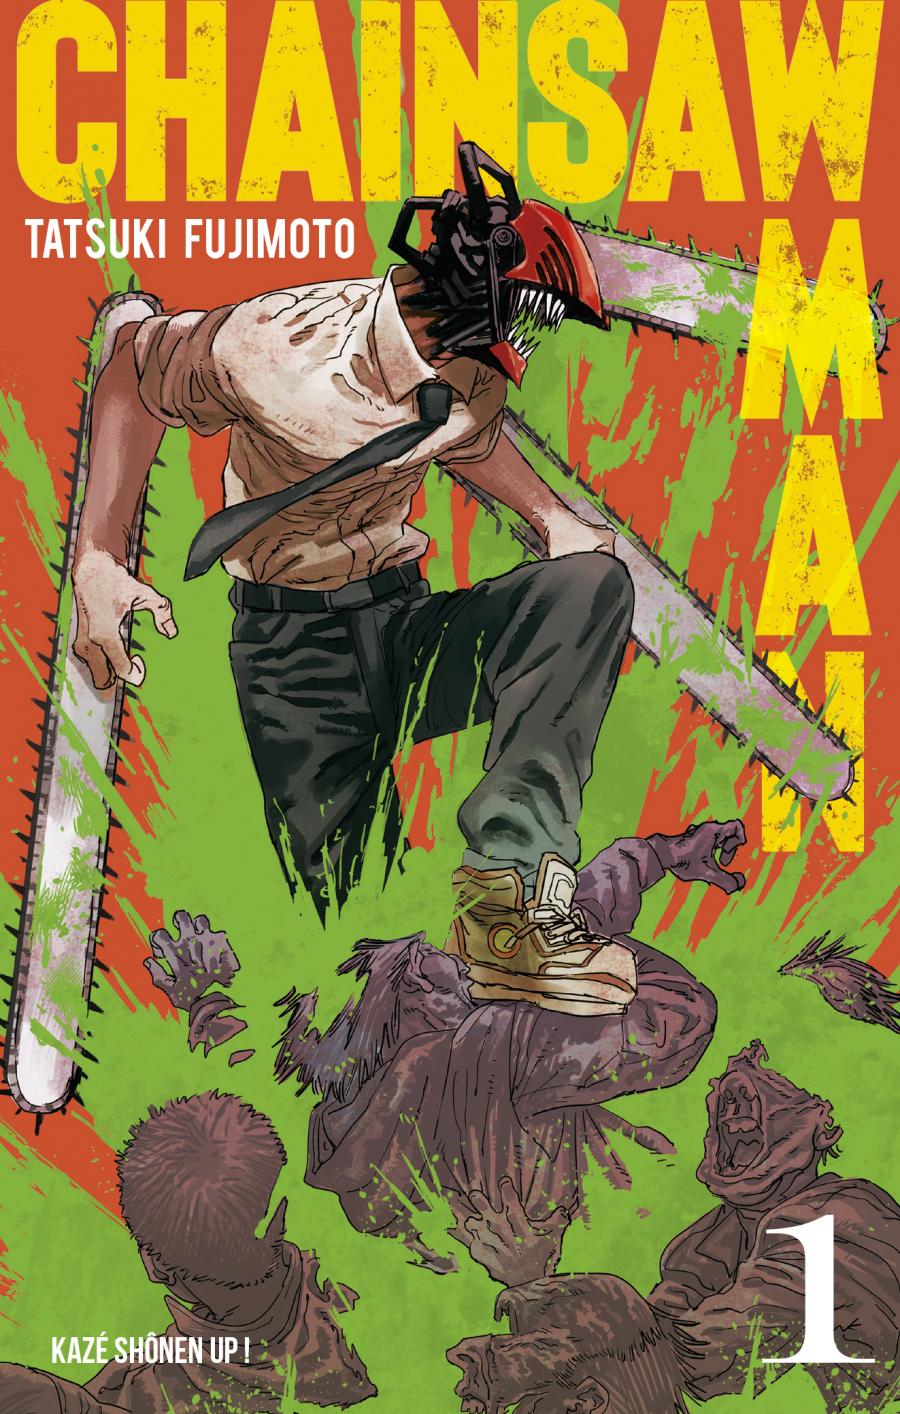 chainsawman1kaze.jpg